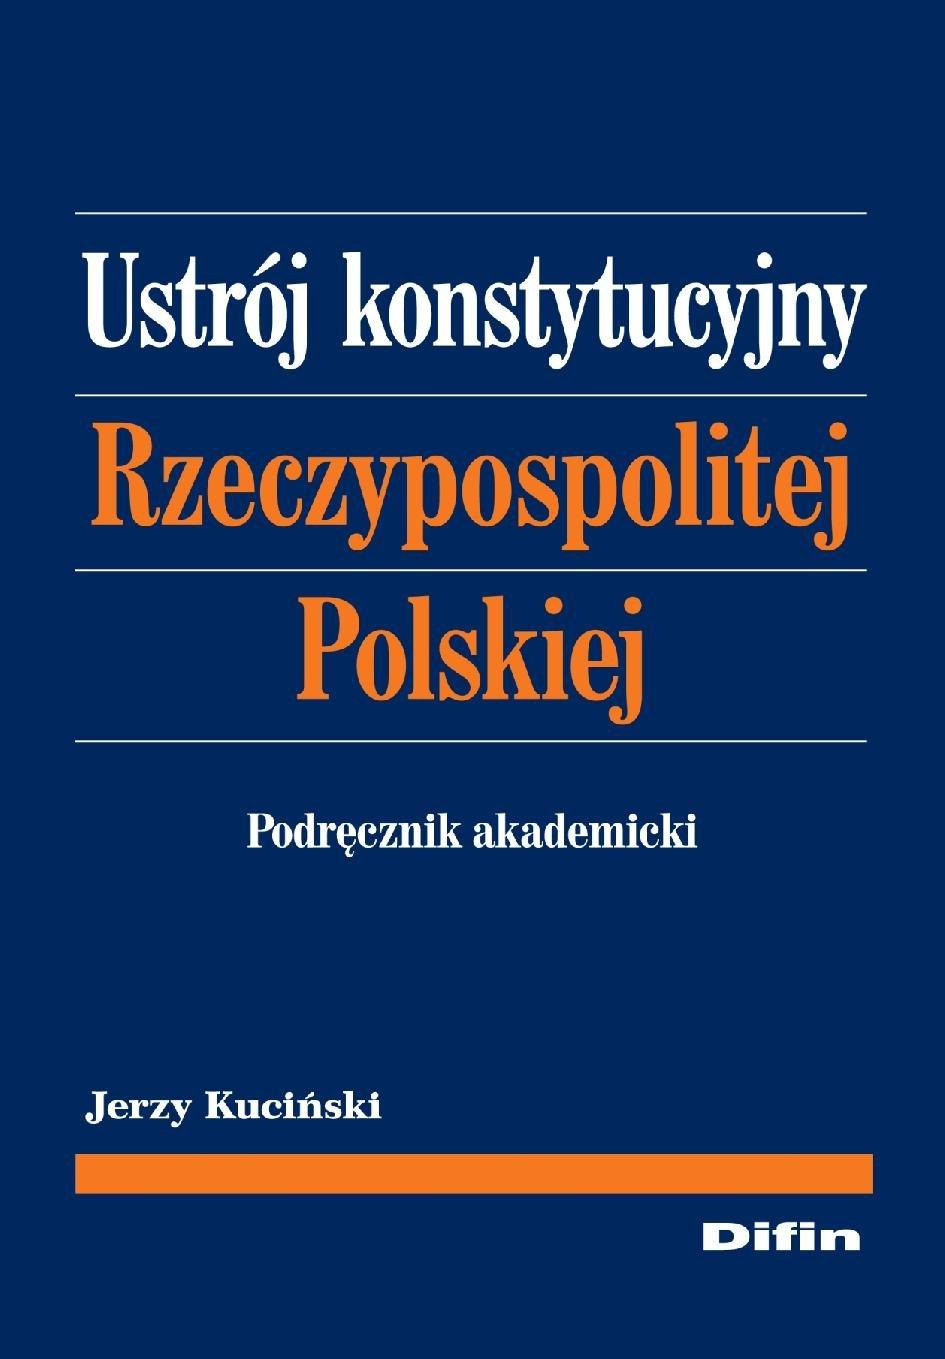 Ustrój konstytucyjny Rzeczypospolitej Polskiej. Podręcznik akademicki - Ebook (Książka PDF) do pobrania w formacie PDF